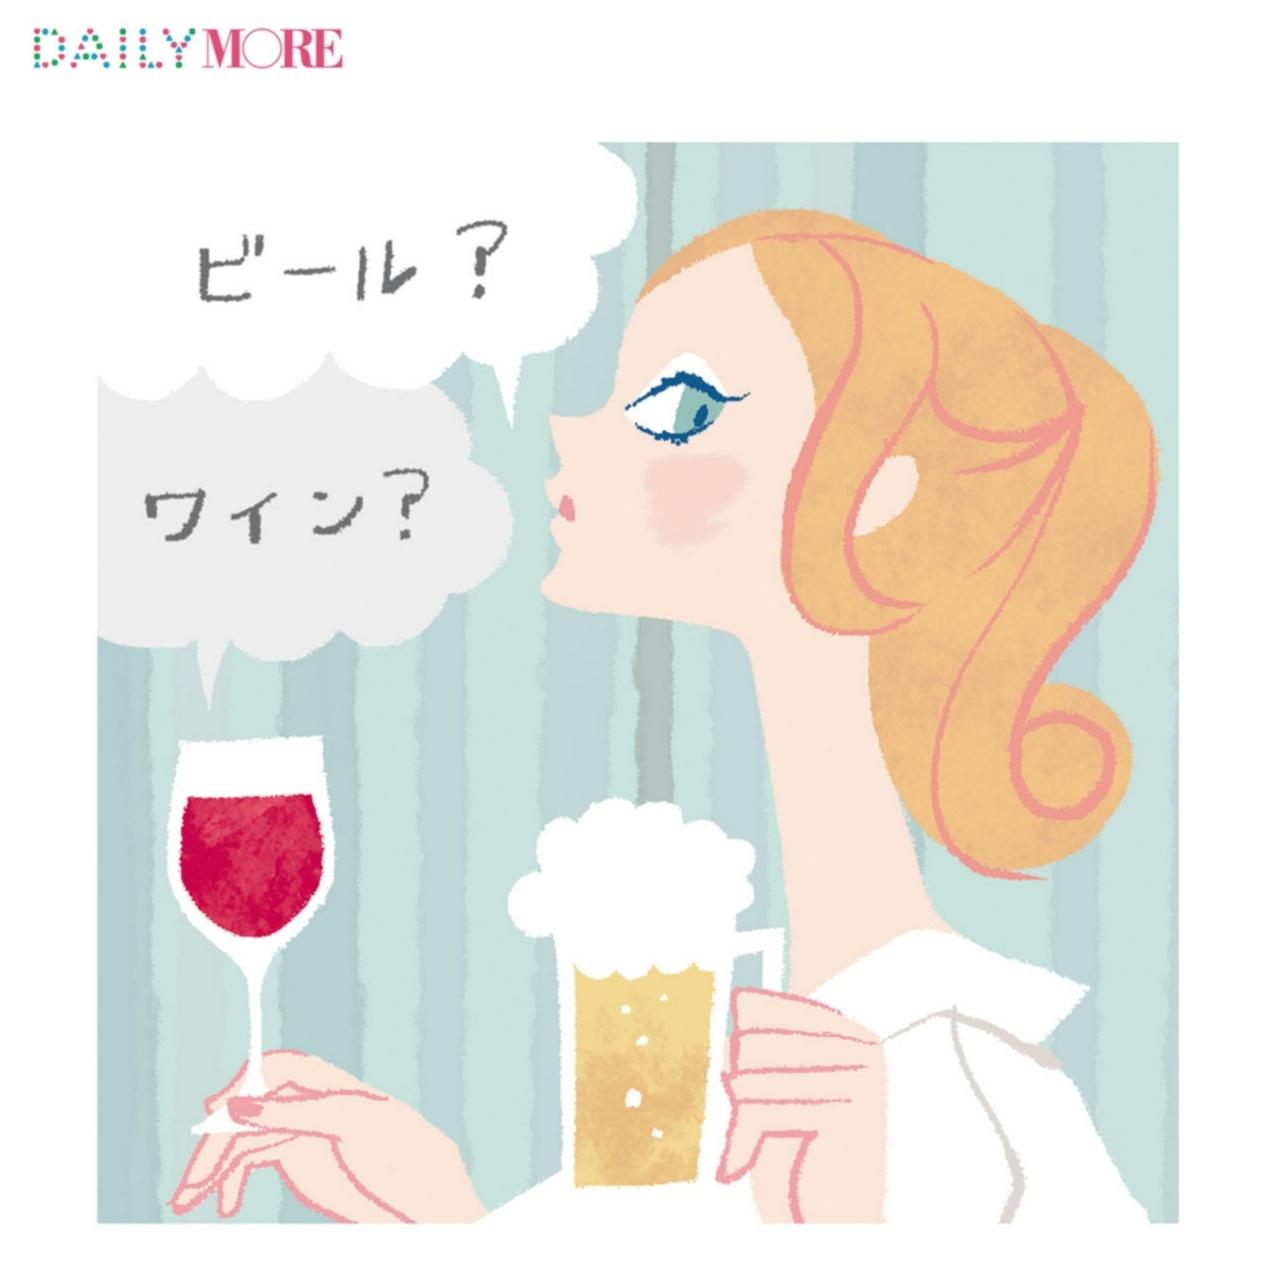 カレとの関係を対等にする【恋愛名言】にご注目♡ 今週のライフスタイル人気ランキングトップ3!_2